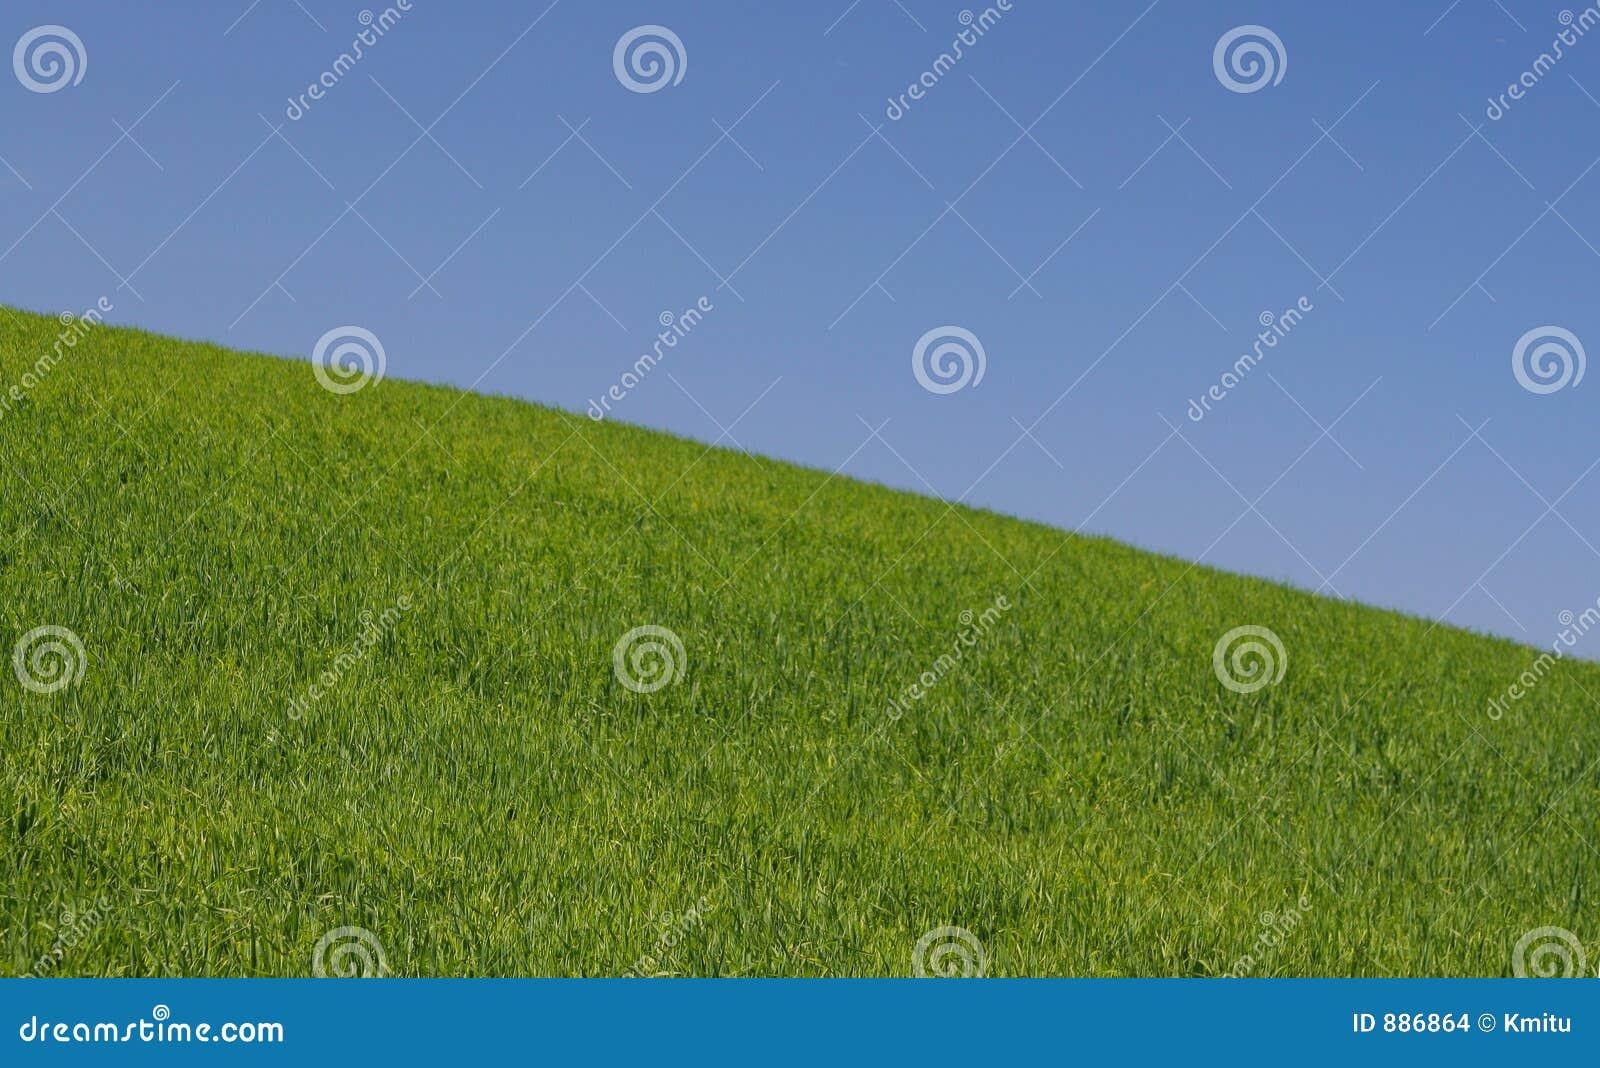 Idealny w dół wzgórza